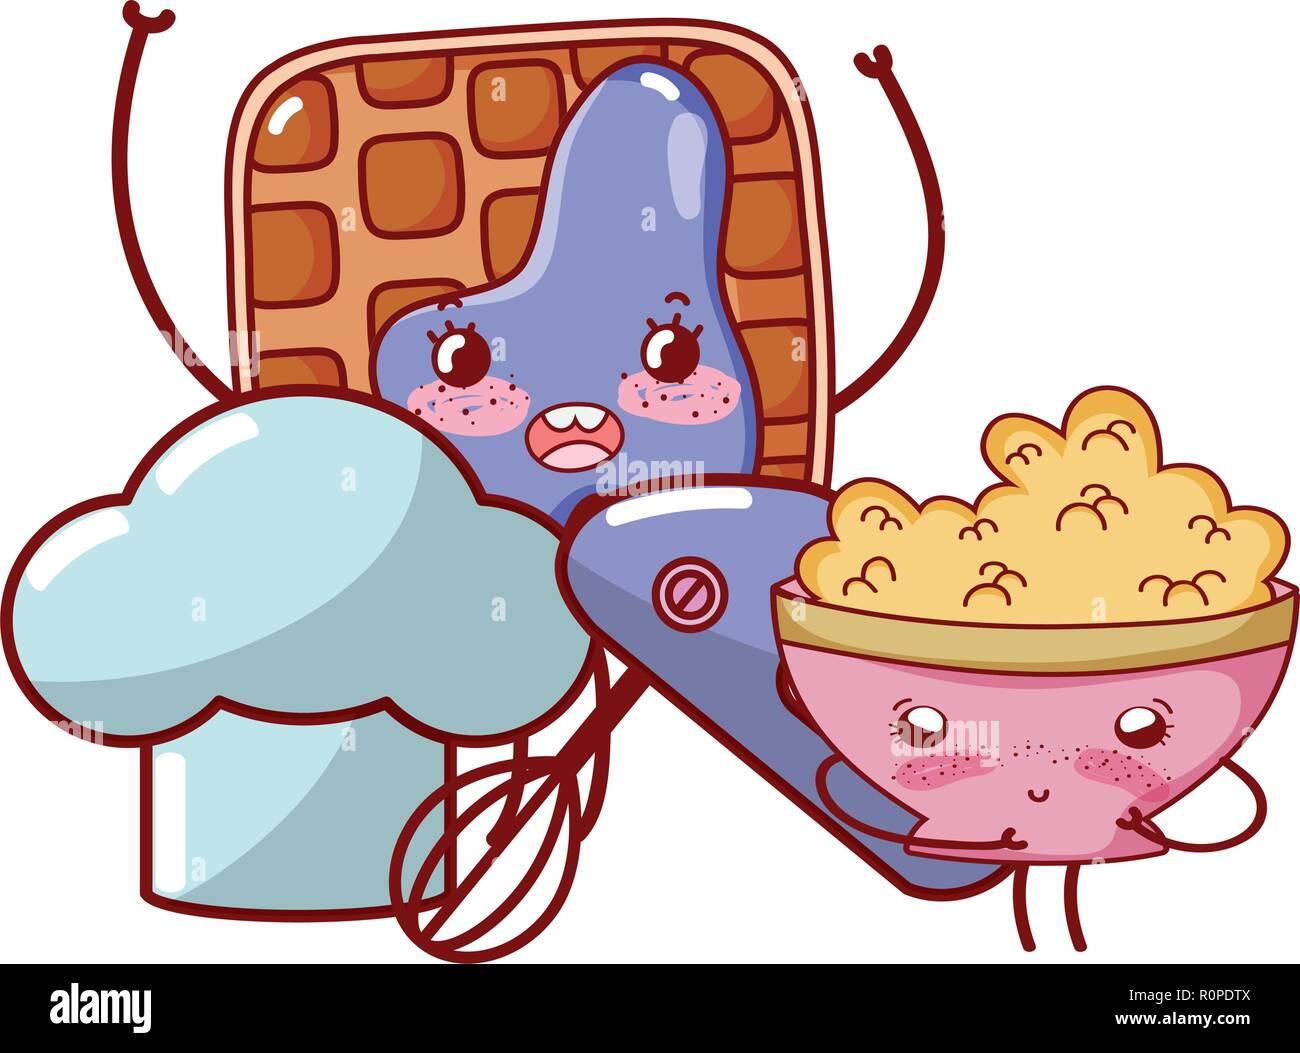 Cuisine Et Nourriture Kawaii Dessins Animés Vecteurs Et Illustration